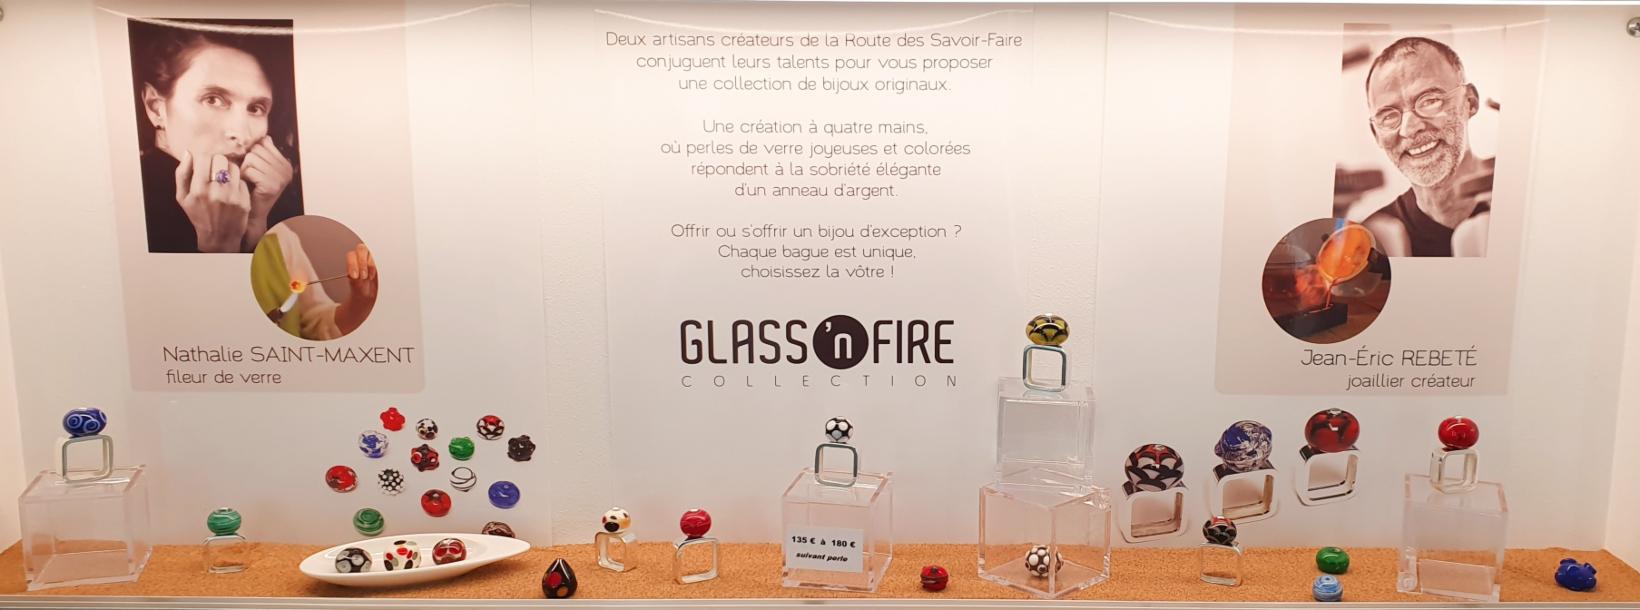 Vitrine-Glass'nFire-2